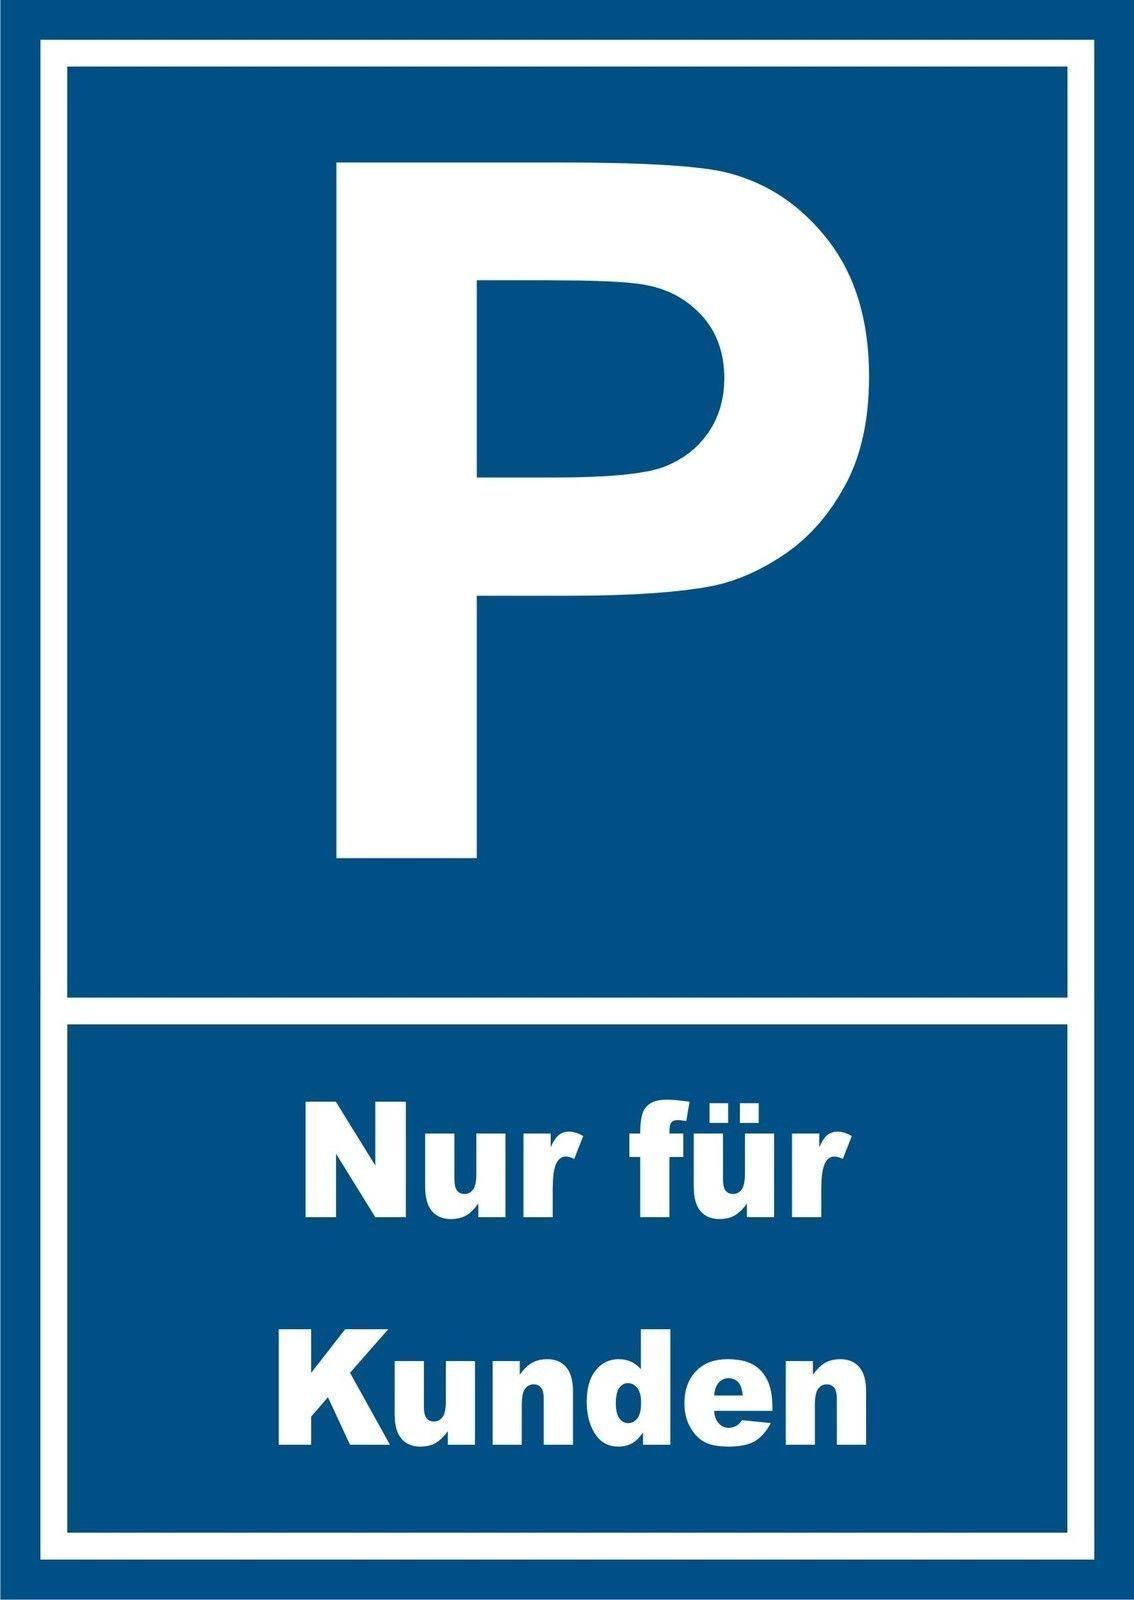 parkplatzschild nur f r kunden kunden parken parkplatz. Black Bedroom Furniture Sets. Home Design Ideas